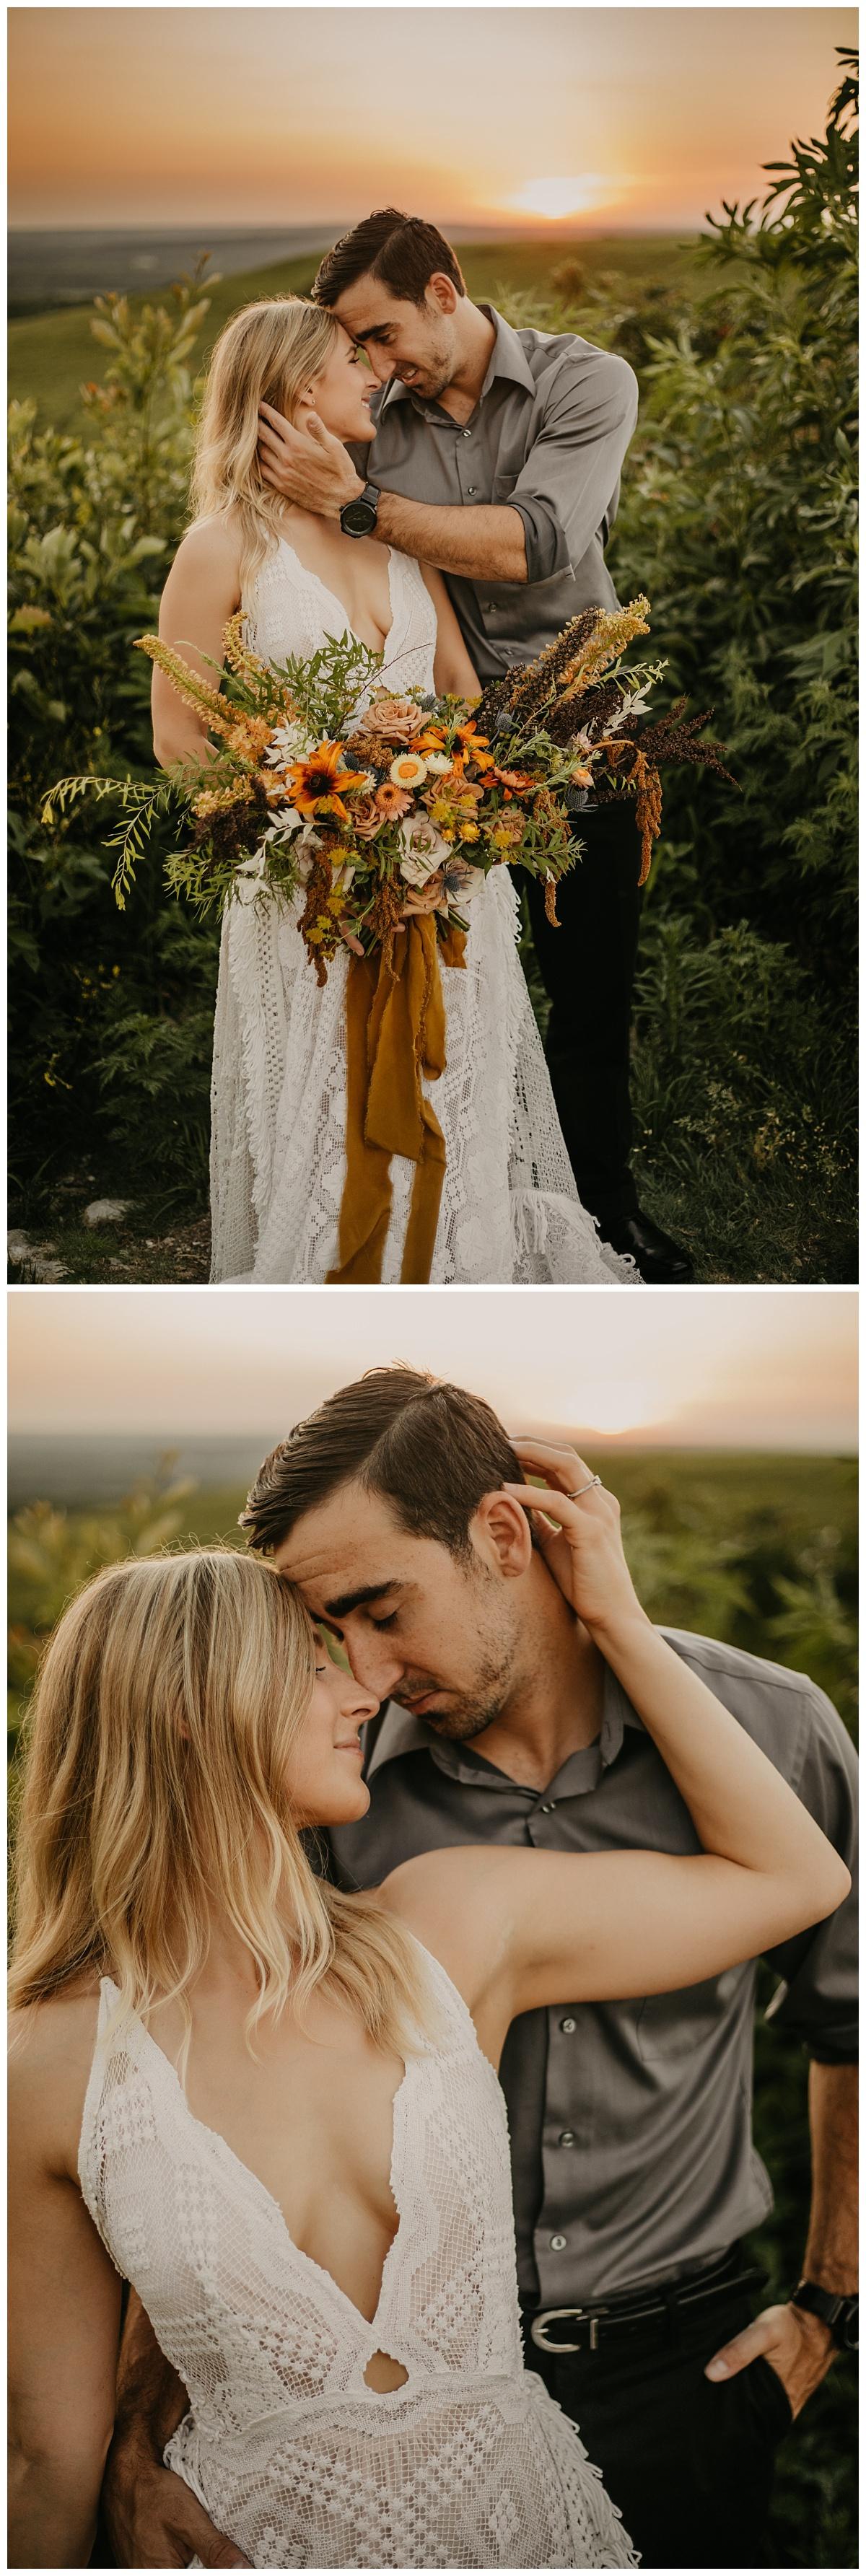 Flint Hills Elopement | Kansas City Wedding Photographer | Outdoor Wedding | Reclamation Wedding Dress | Vintage Wedding Dress| Colorado Elopement